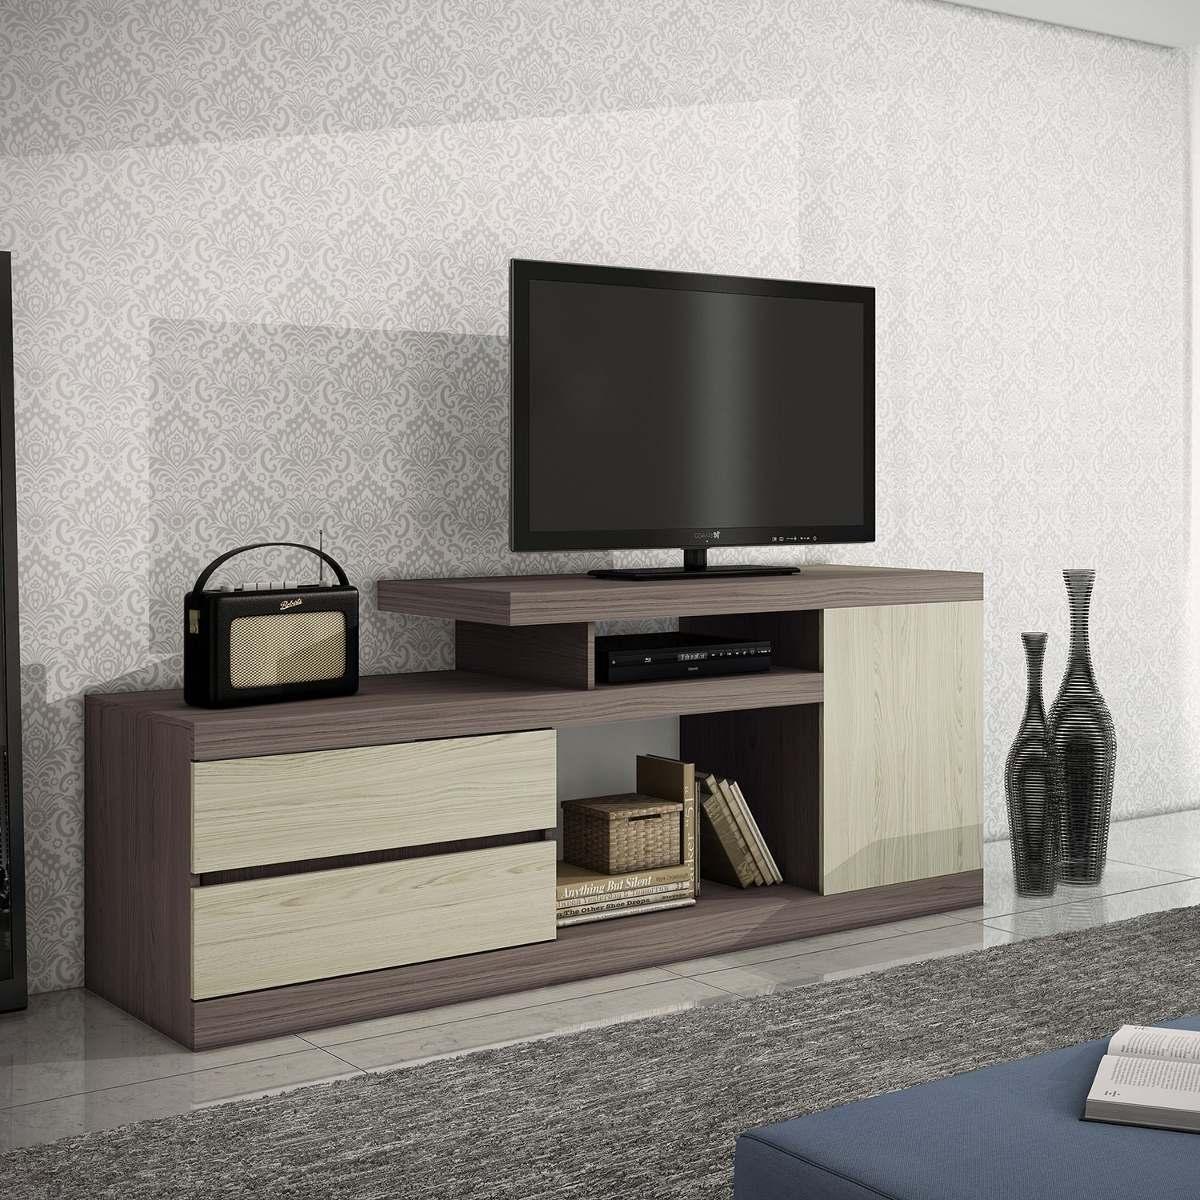 Rack Nevada Tv 40 A 55 Ikean 89 900 En Mercado Libre # Muebles Eyzaguirre Puente Alto